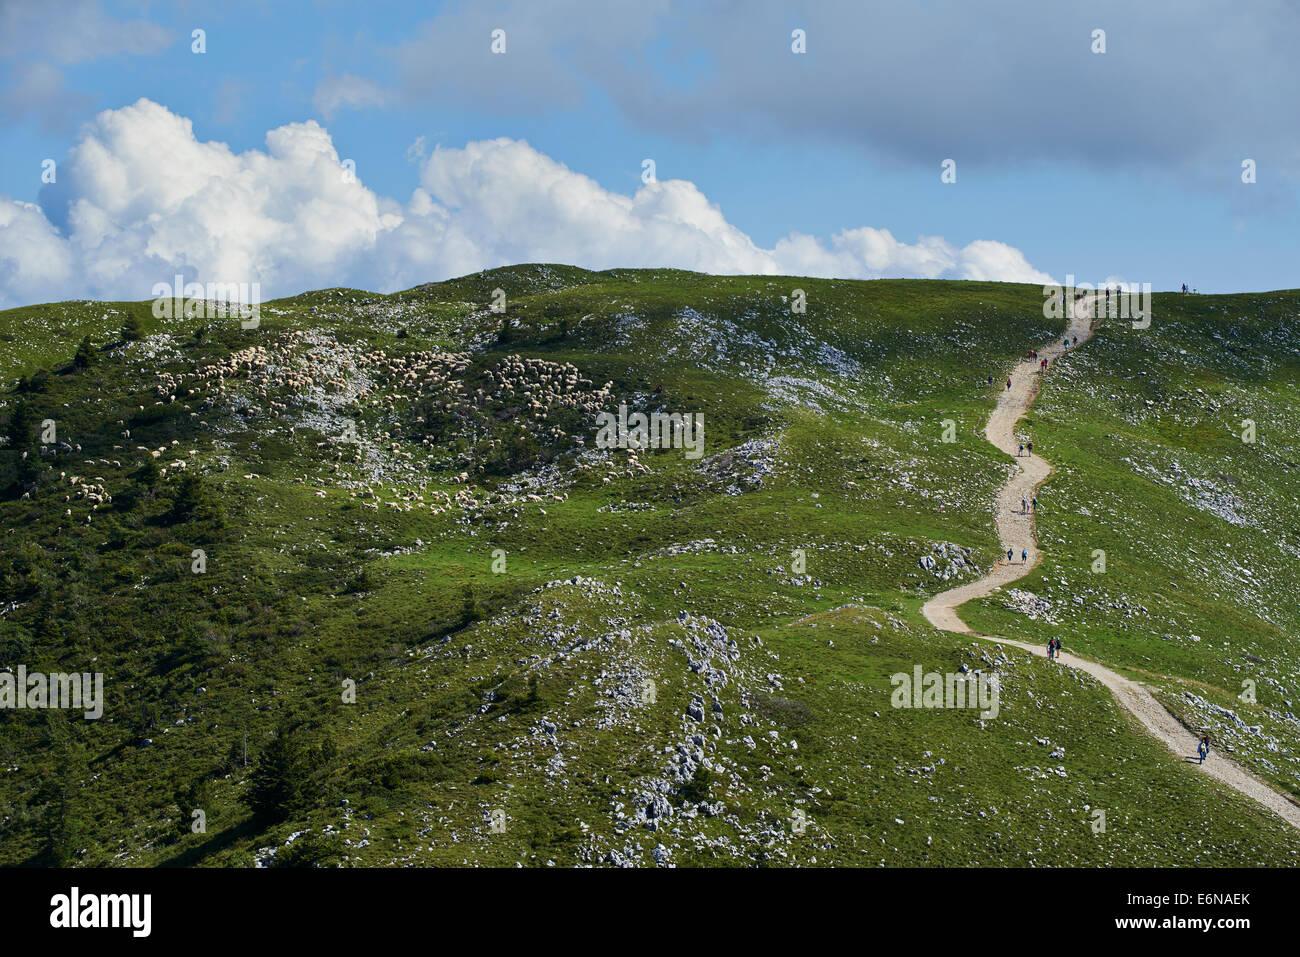 Sheep graze on a hillside of Monte Baldo Italy Alps Mountains Stock Photo